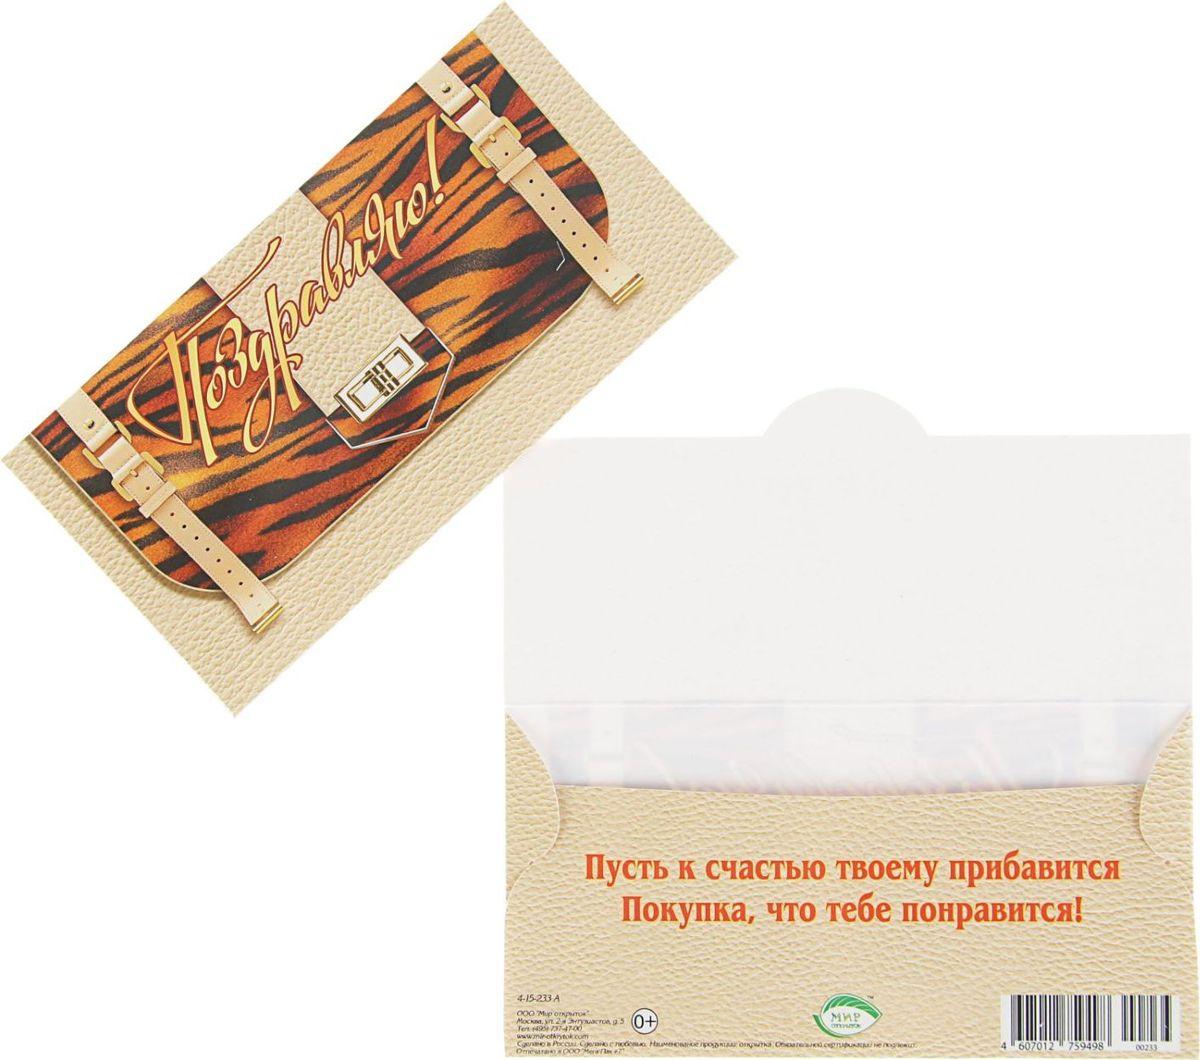 Конверт для денег Мир открыток Поздравляю! Сумочка, 16,4 х 8,4 см2539264Всем известно, что хороший подарок - это полезный подарок. А деньги уж точно не будут пылиться в дальнем углу шкафа. Их можно преподнести на любое торжество. Подберите для своего подарка оригинальный конверт и скорее дарите близким радость! Изделие изготовлено из плотного картона, поэтому вы можете не беспокоиться за целостность его содержимого.